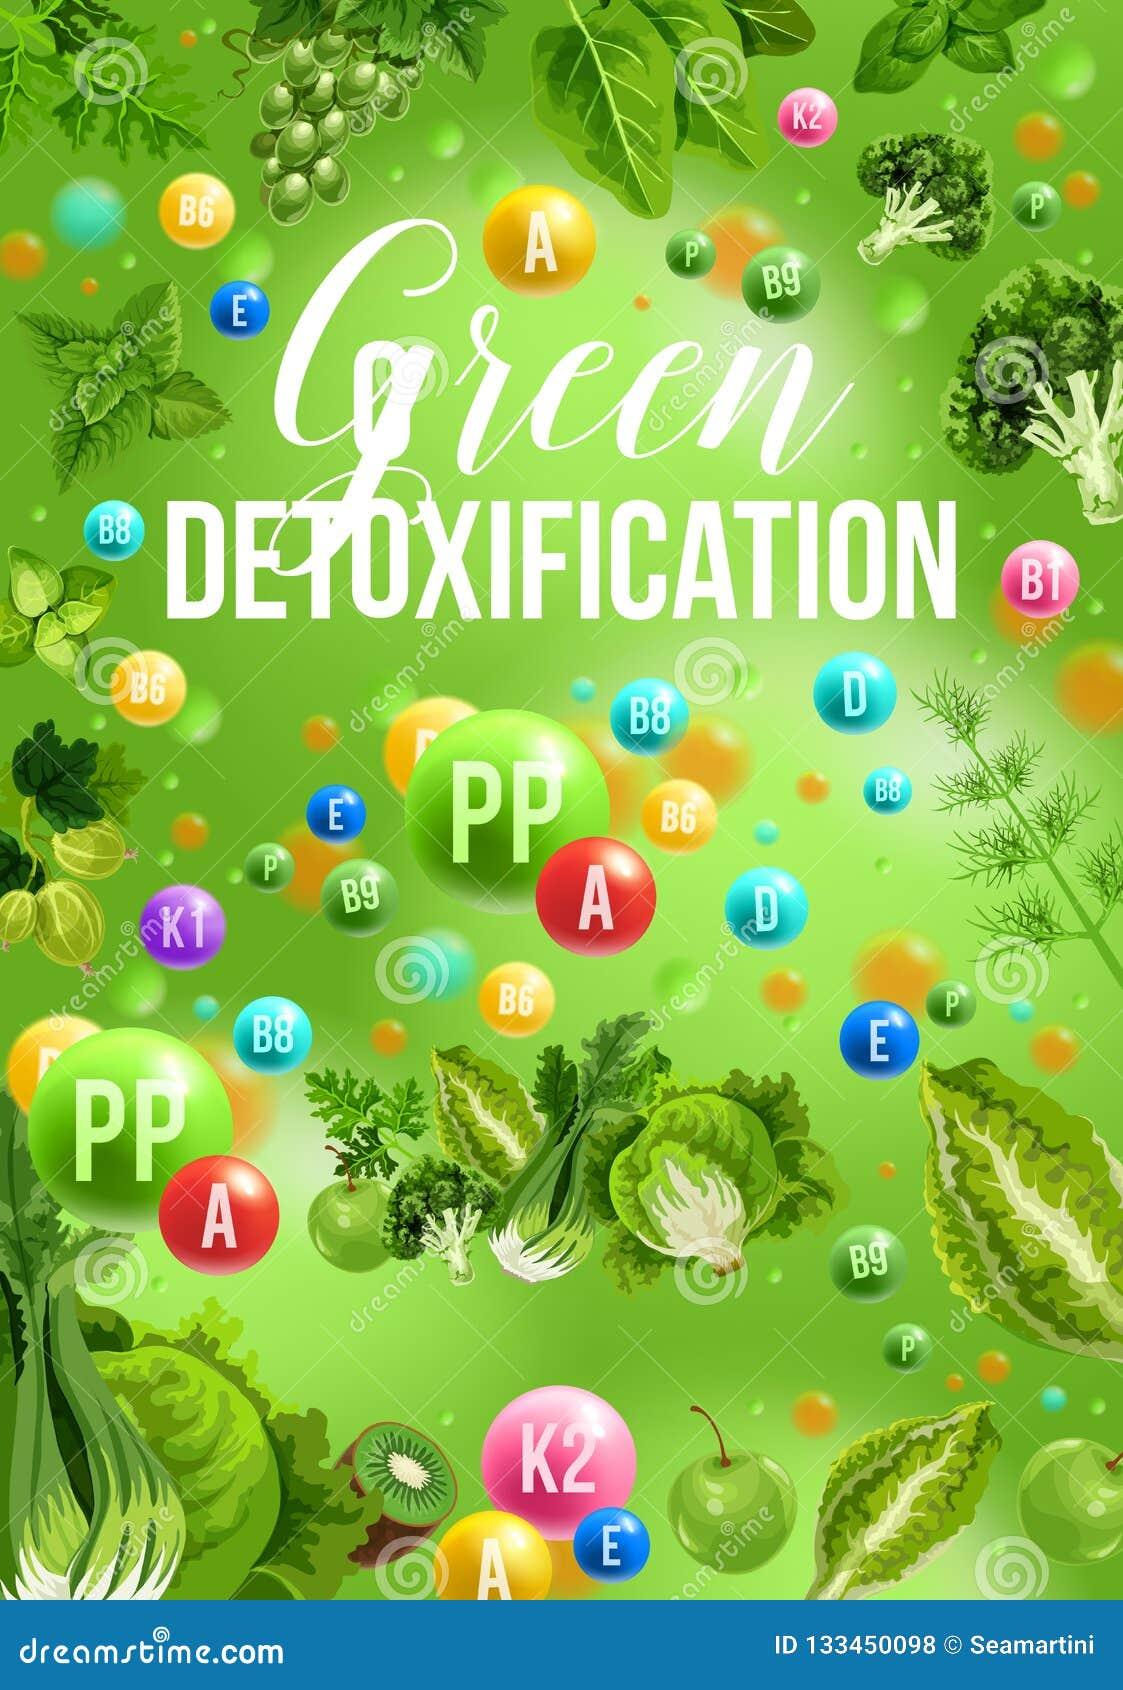 26 Detox ideas | nutriție, rețete dietă sănătoasă, diete sănătoase